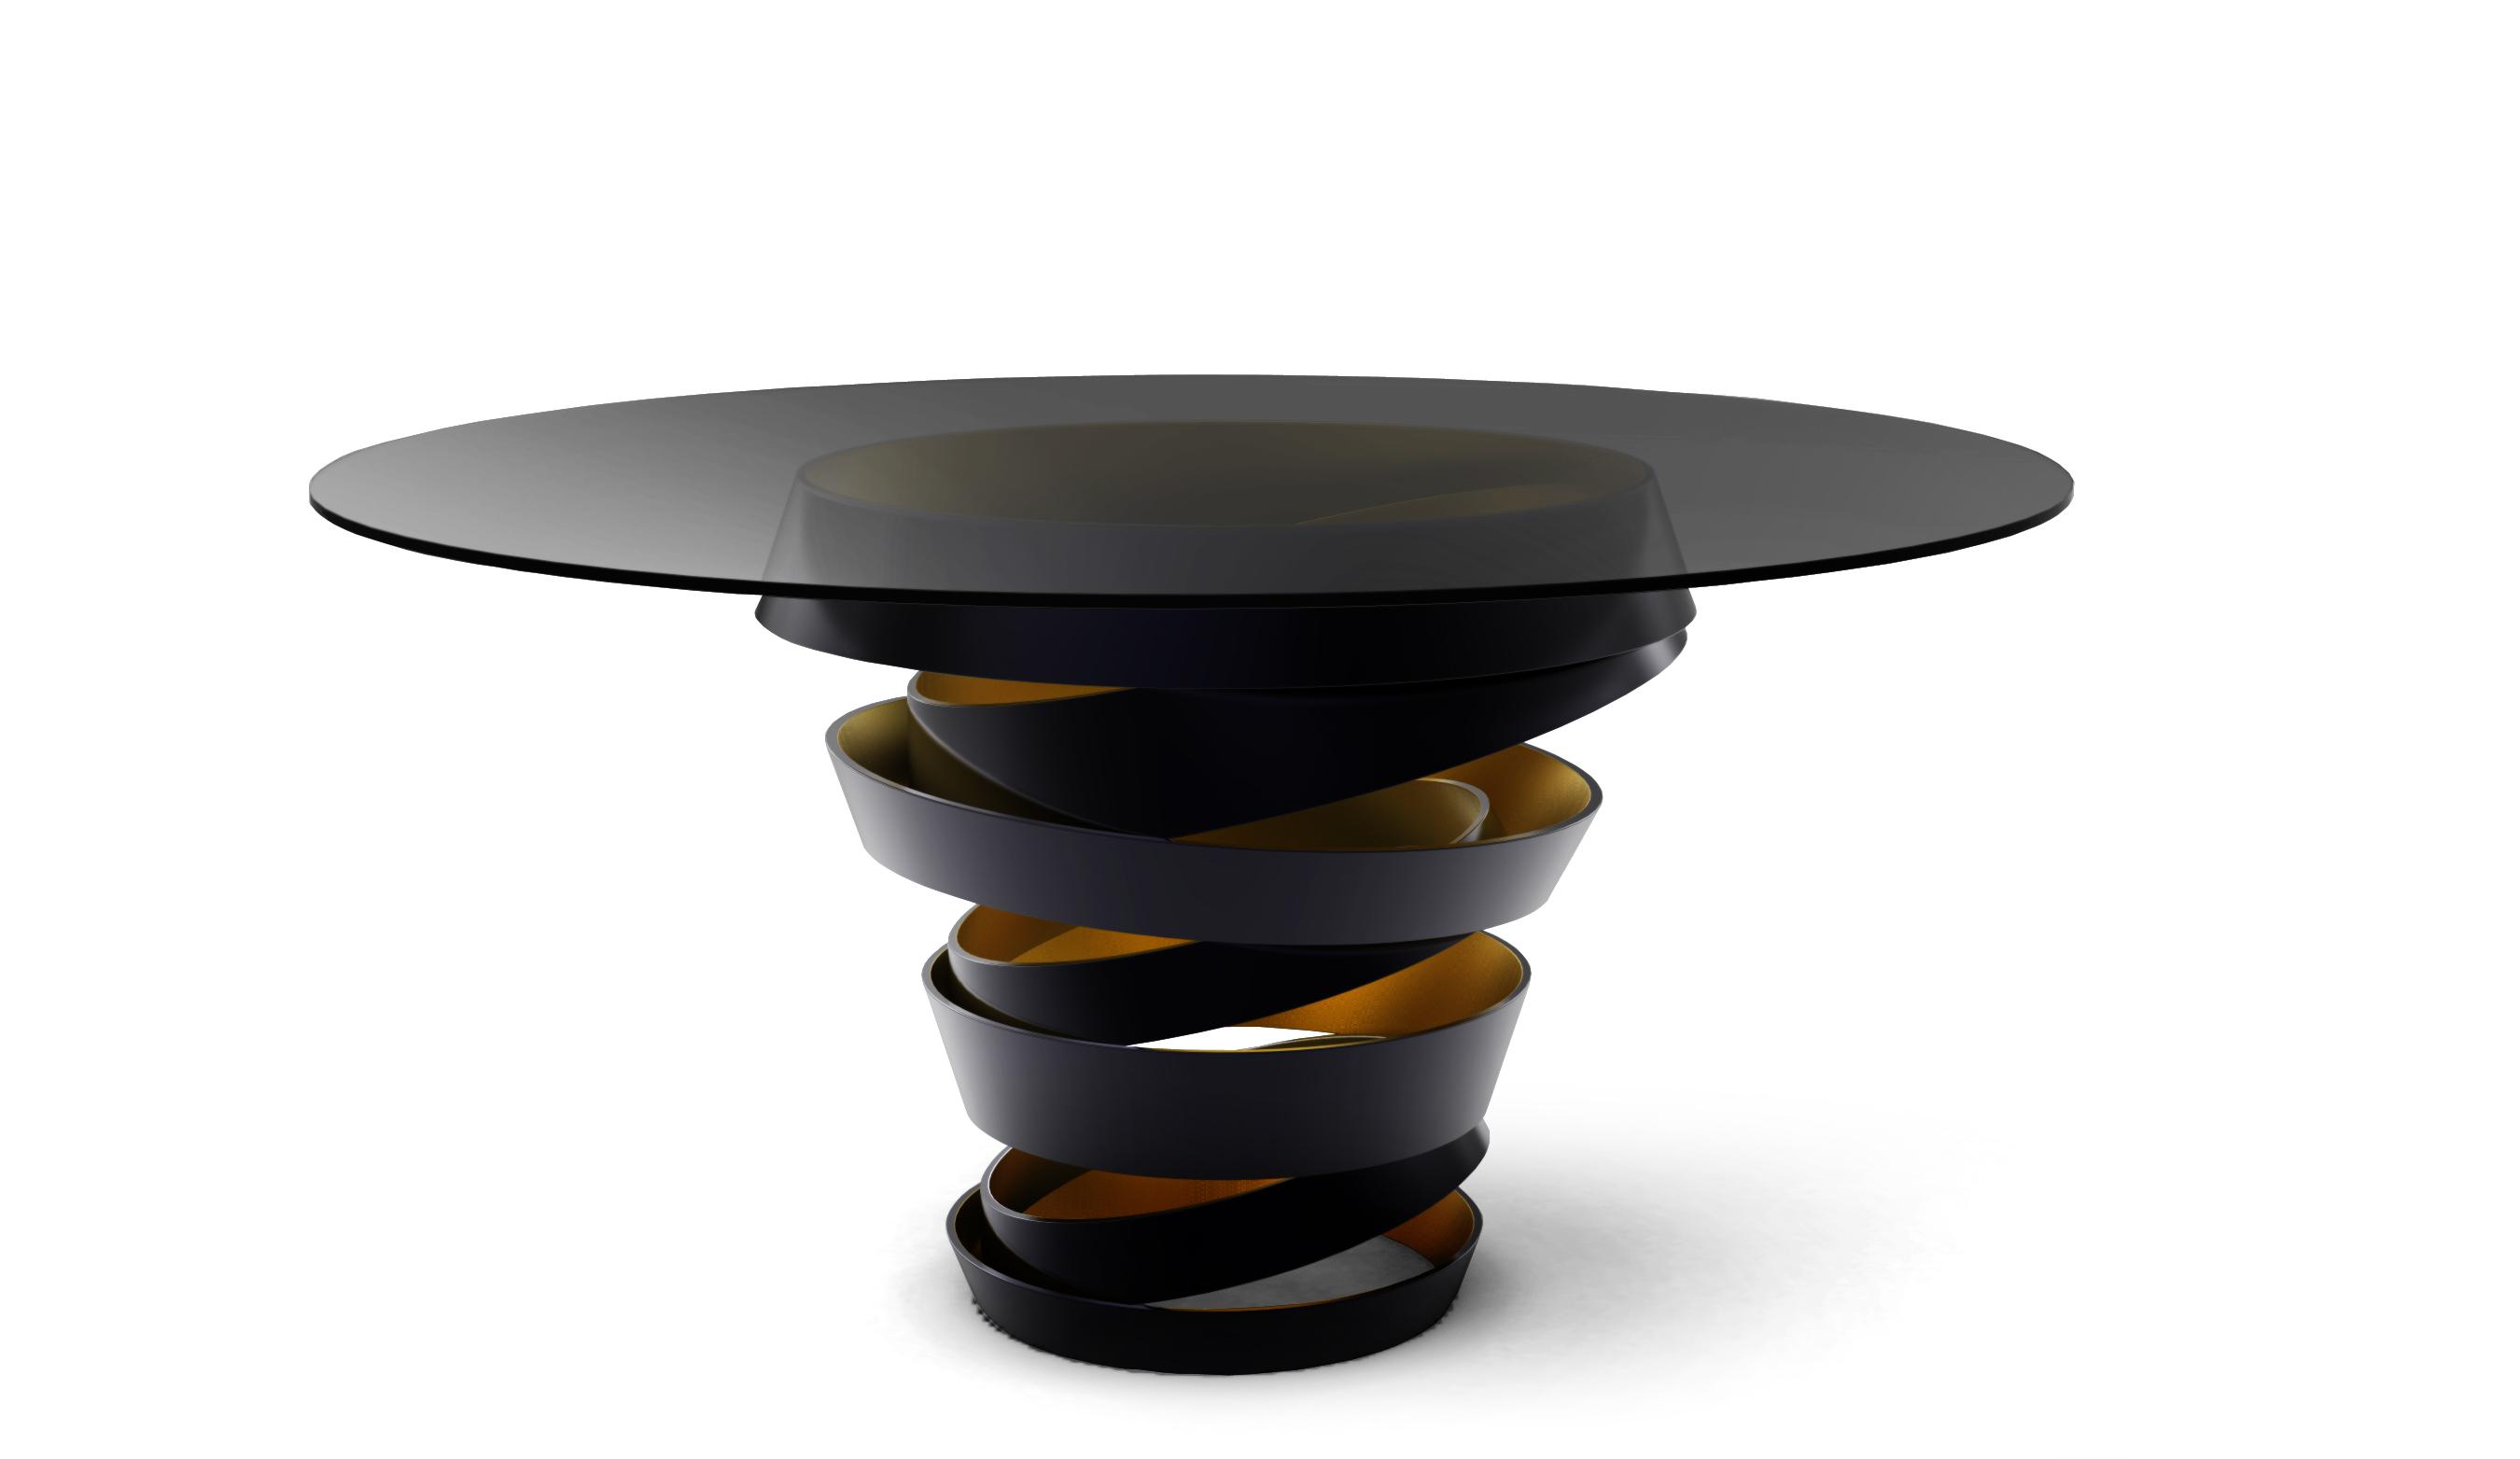 Эксклюзивный обеденный стол от Koket